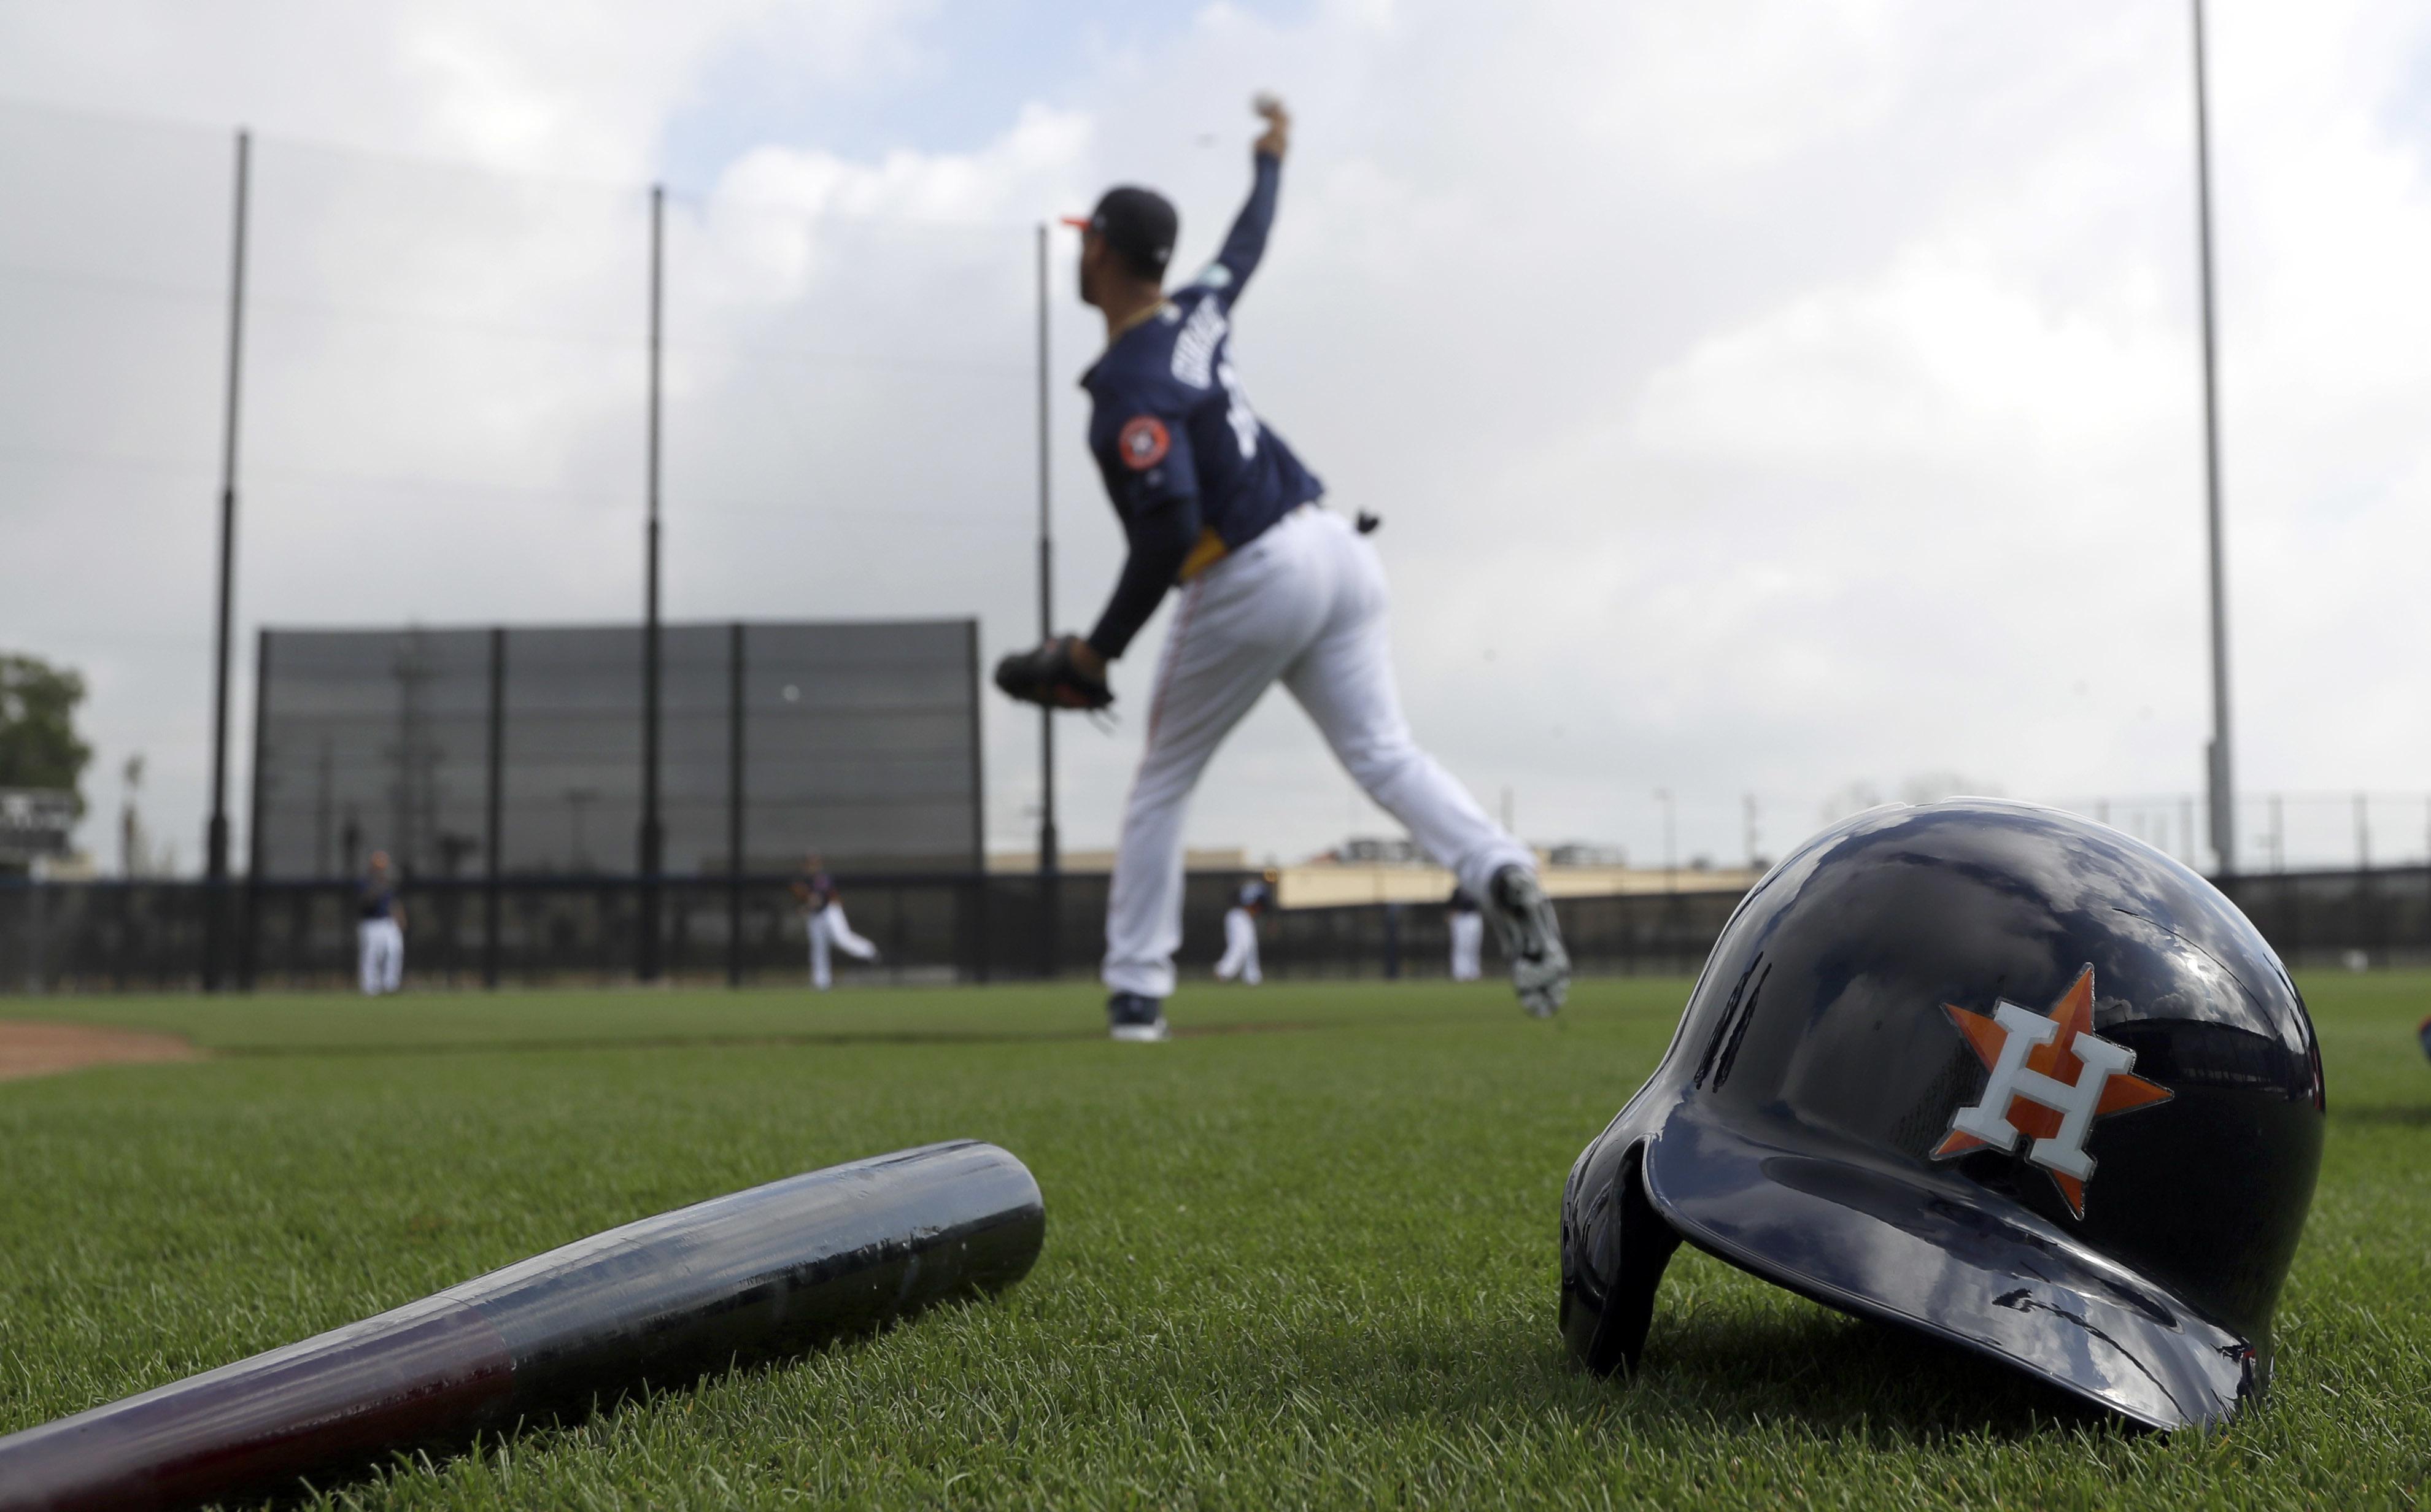 Astros_spring_baseball_16277